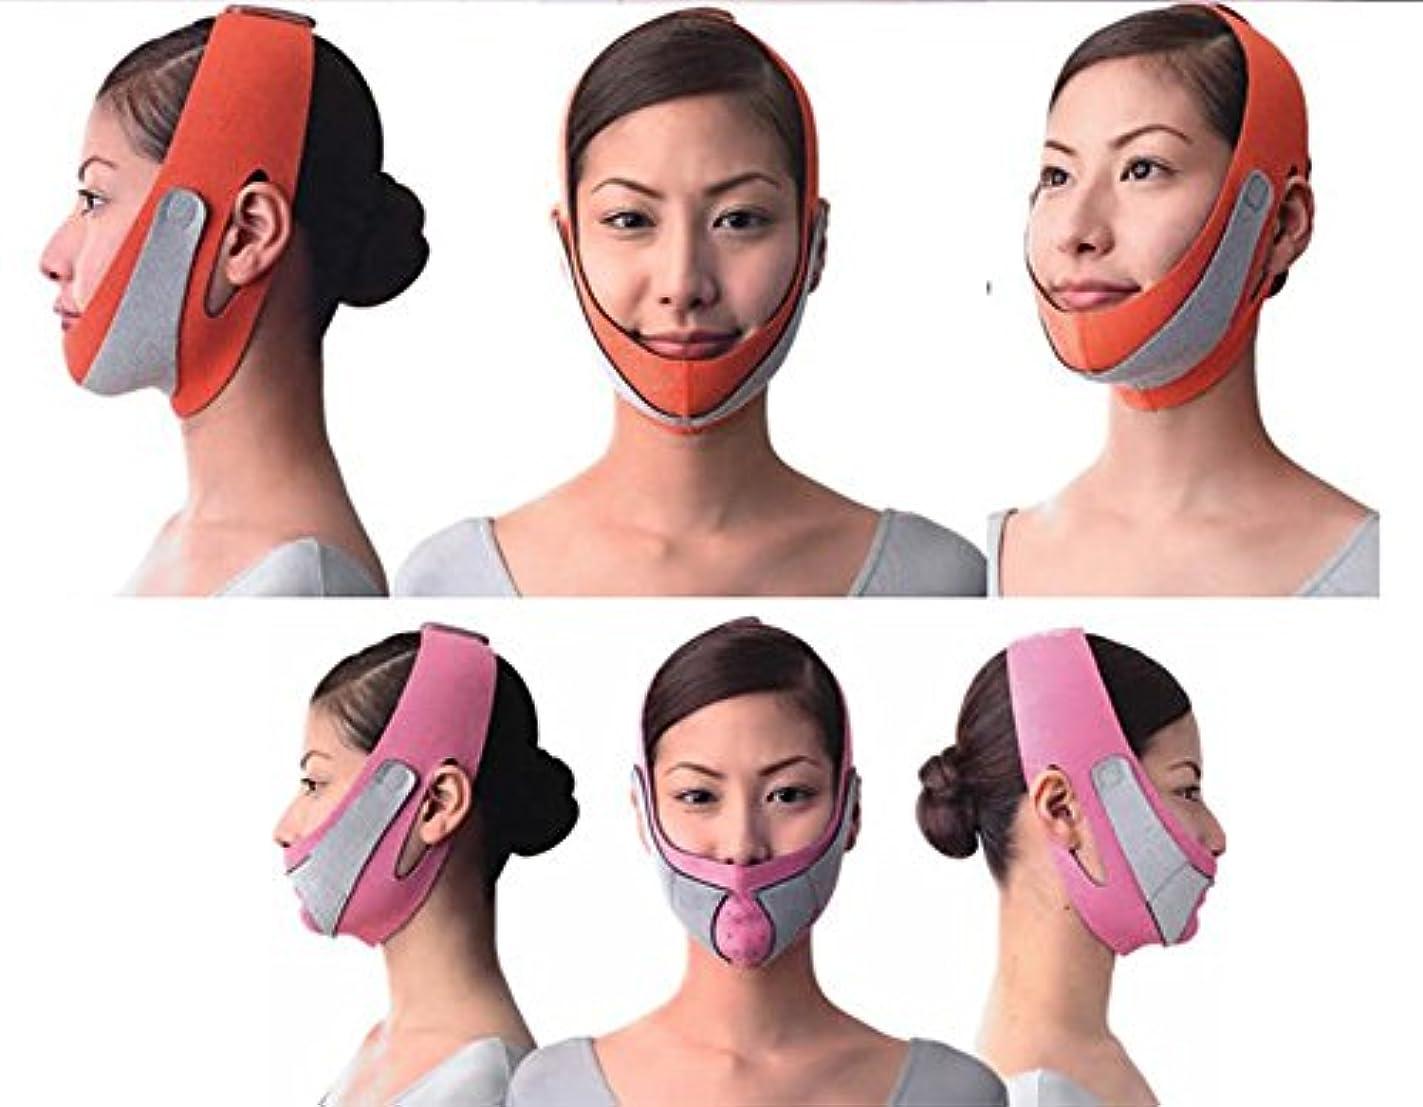 あたり置き場好意引き上げマスク 頬のたるみ 額、顎下、頬リフトアップ ピンク グレー 弾力V-ラインマスク 引っ張る リフティング フェイス リフトスリムマスク 美容 フェイスマスク